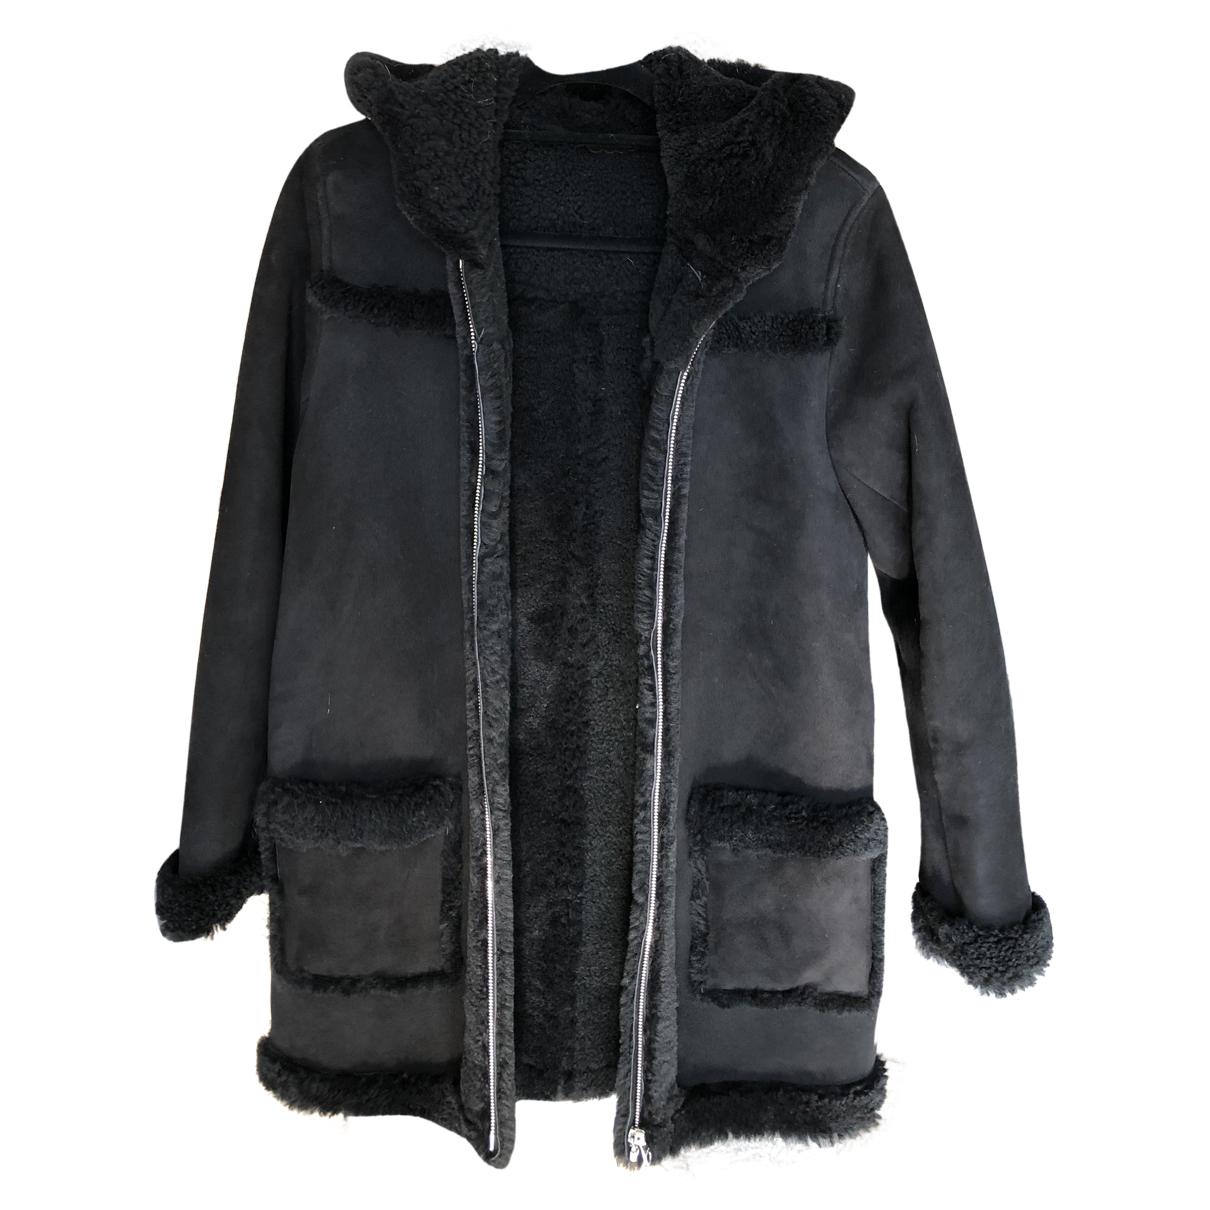 Sandro Fall Winter 2019 Black Wool coat for Women 38 FR